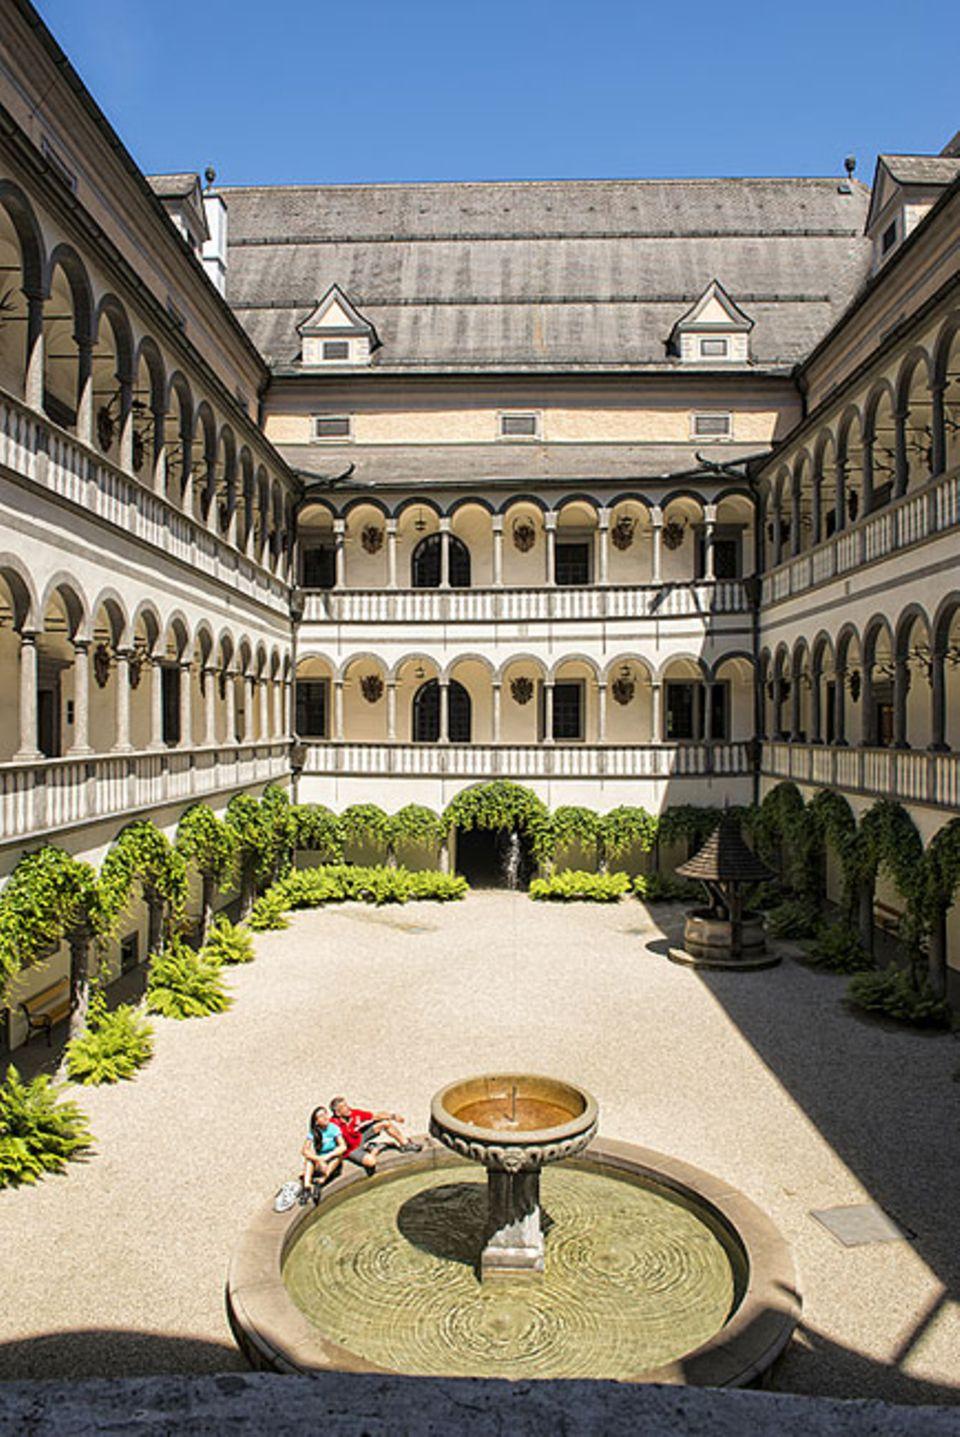 Donauradweg: Die Tour auf dem Donauradweg führt zu Kulturschätzen wie Schloss Greinburg